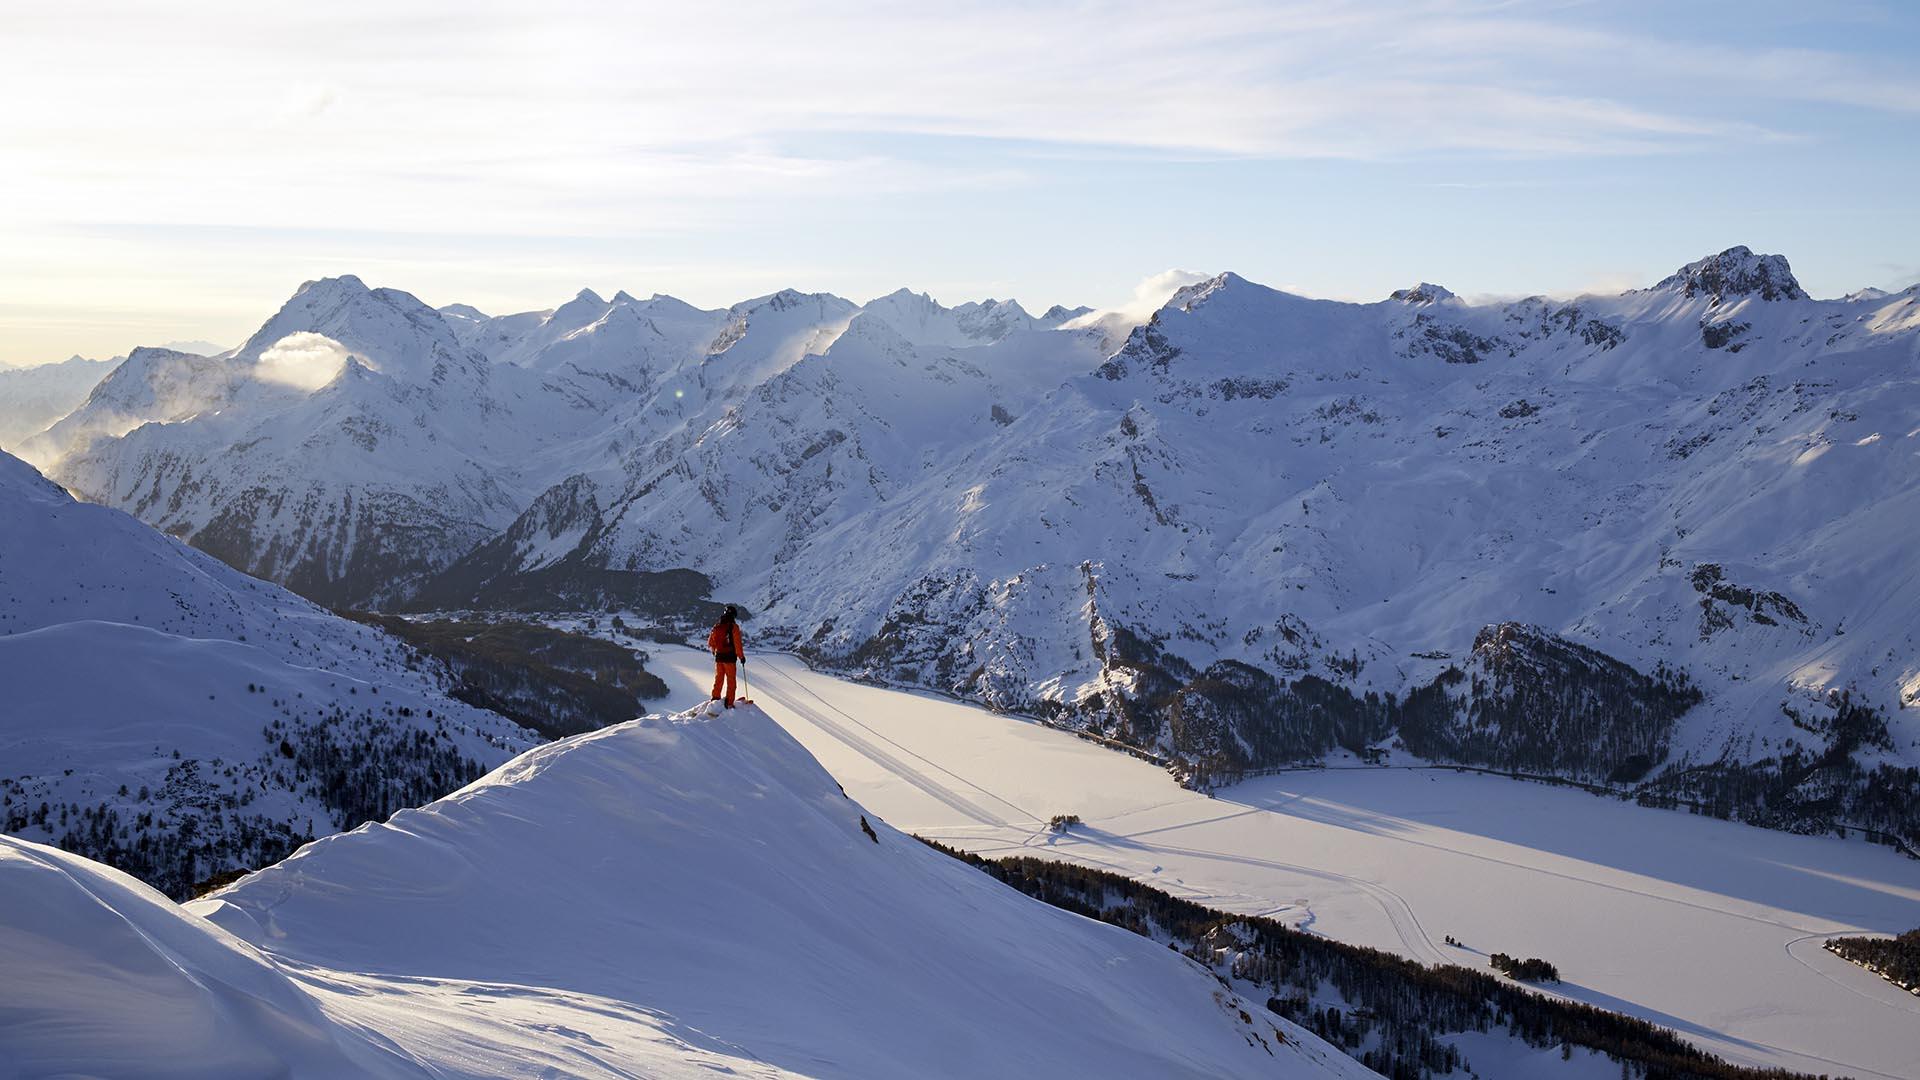 ENGADIN ST. MORITZ - Freerider im Skigebiet Corvatsch/Furtschellas unterhalb des Piz Grialetsch bei der Abenddaemmerung. Im Hintergrund die Ortschaft Maloja und der gefrorene Silsersee.